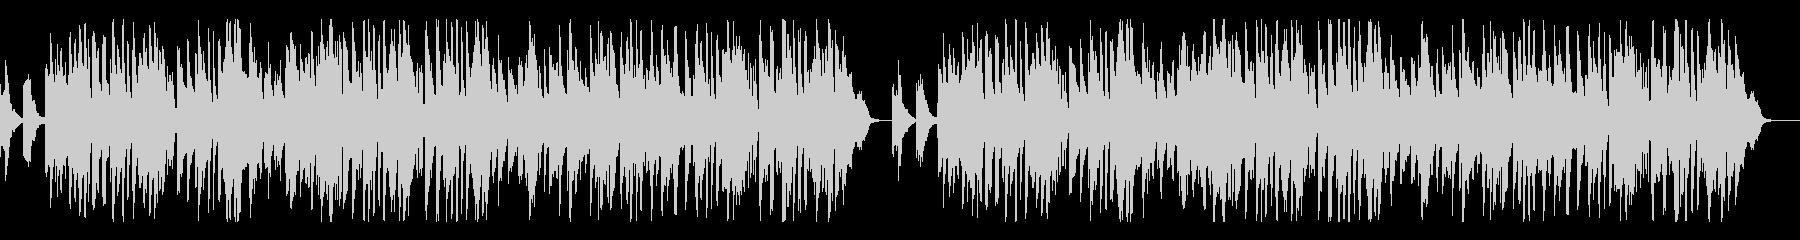 メンデルスゾーン「結婚行進曲」ピアノの未再生の波形